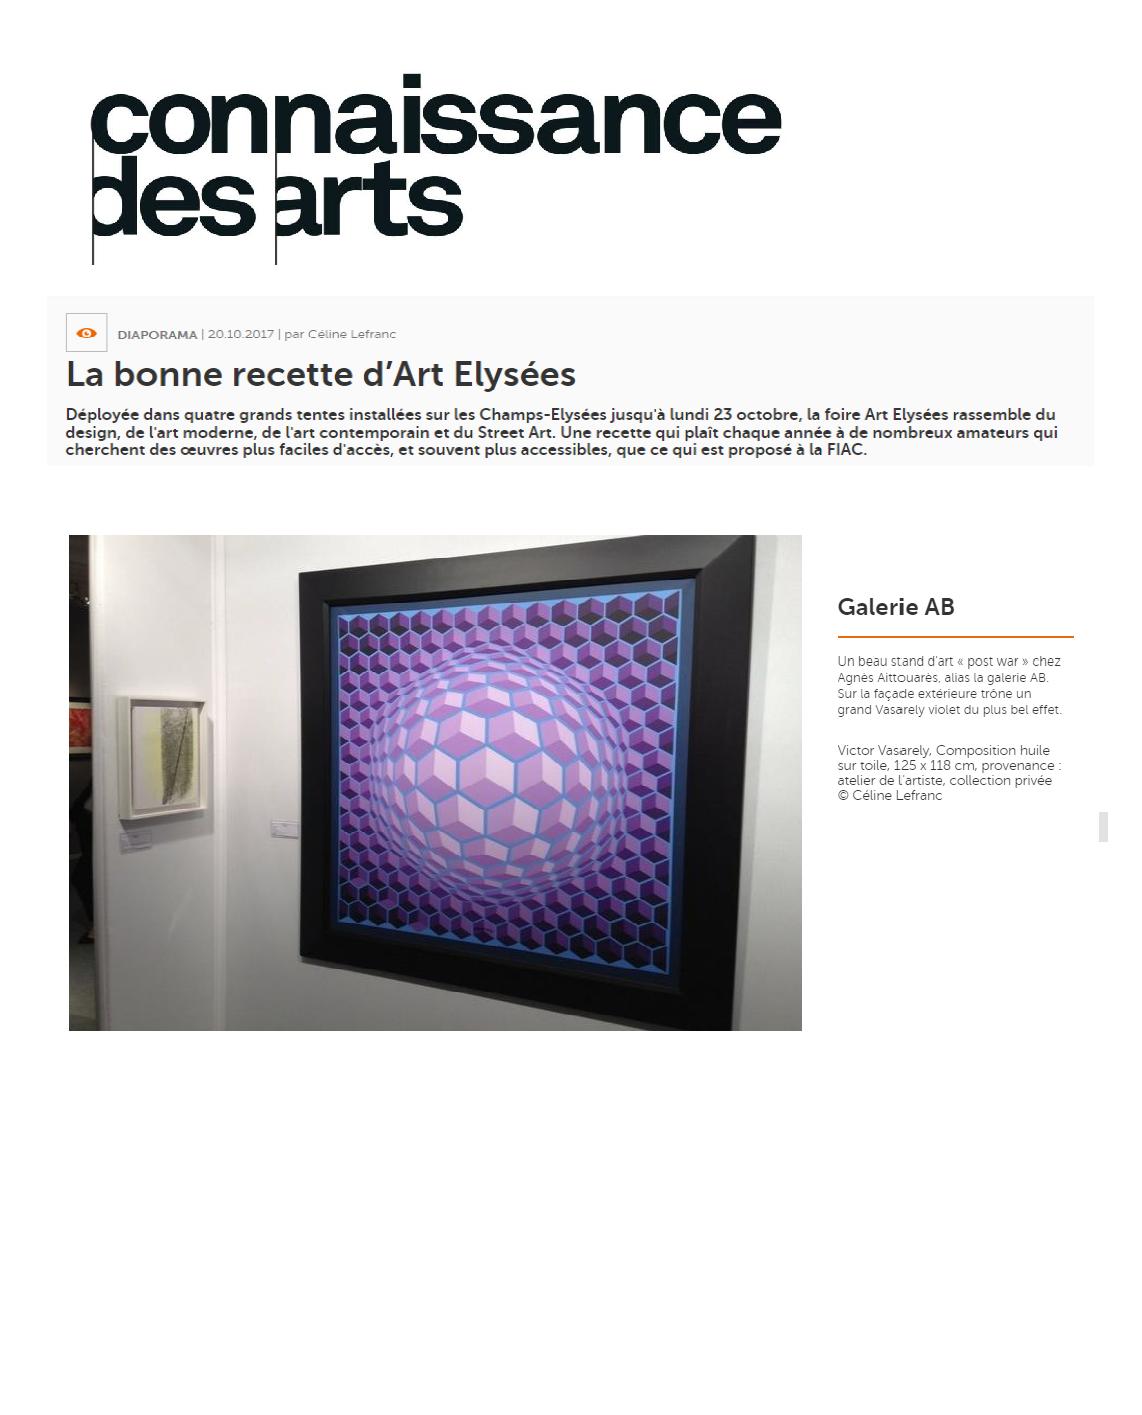 2017 AE Revue de Presse Connaissance des Arts Art Elysées 2017 Galerie AB Paris